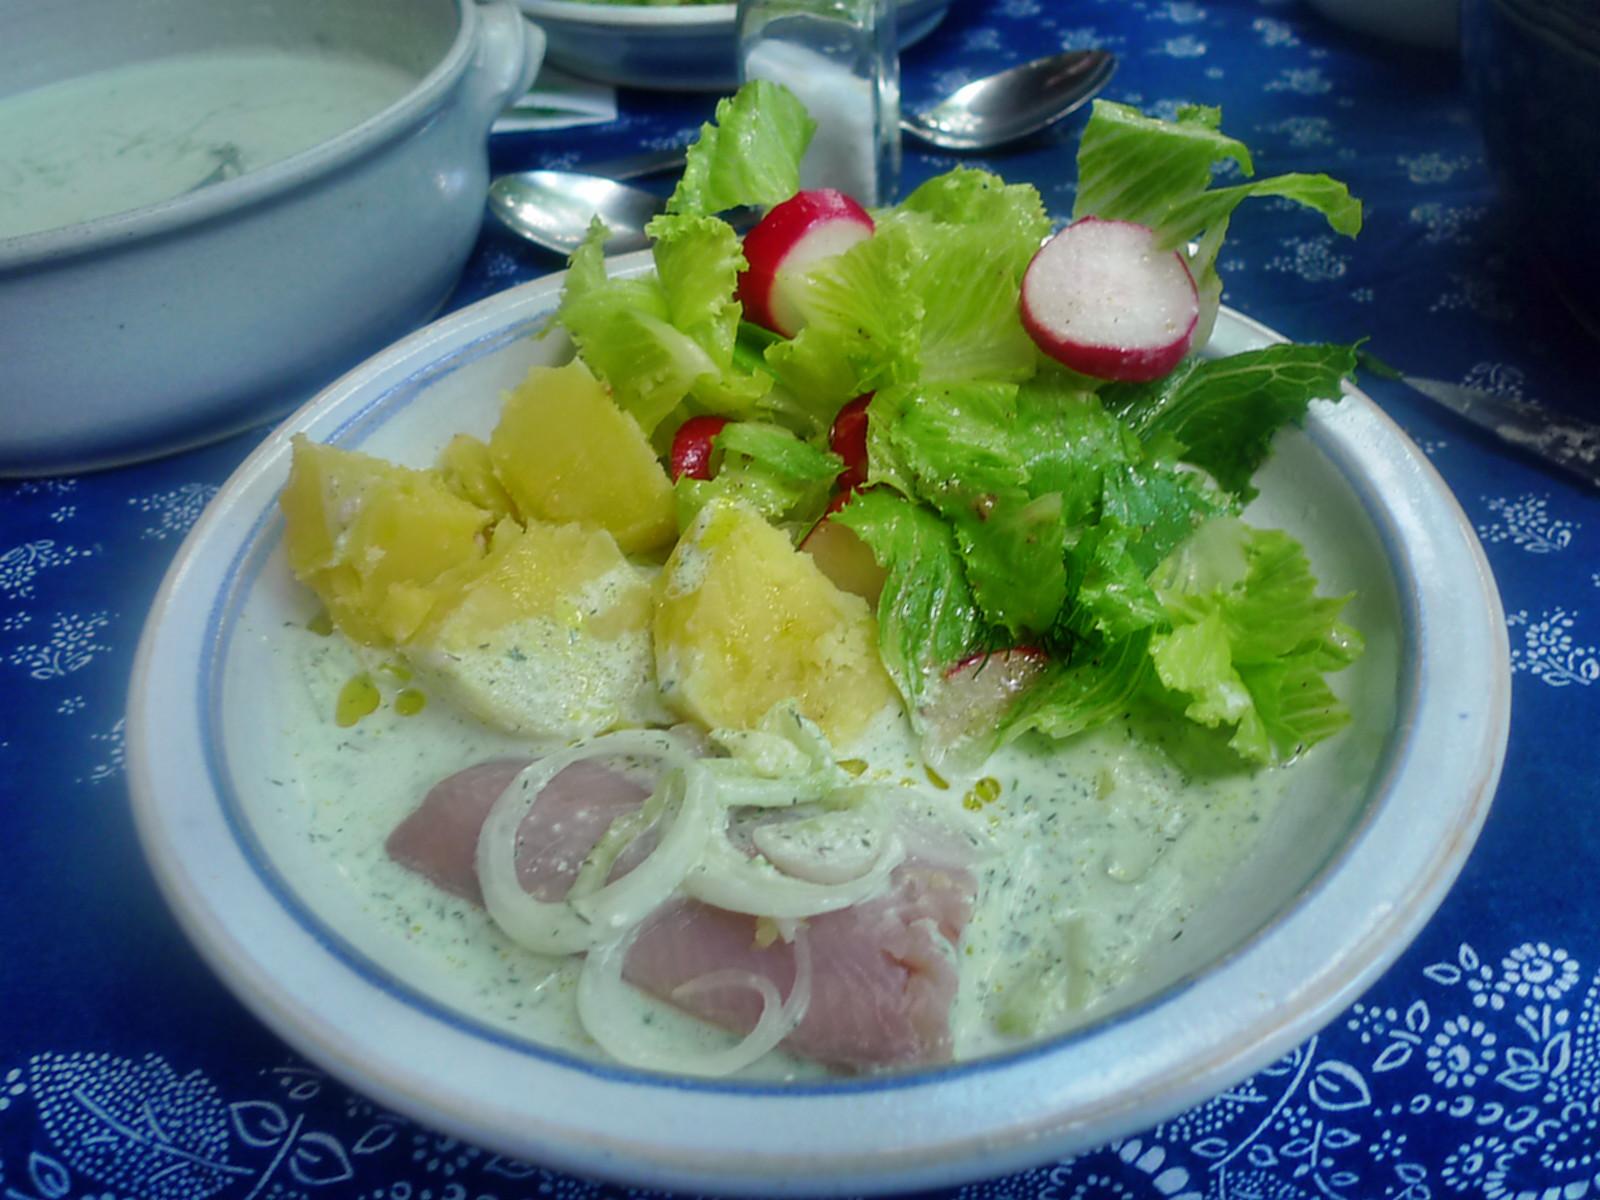 Matjes-Joghurtdip-Salat-14.8.14   (5a)